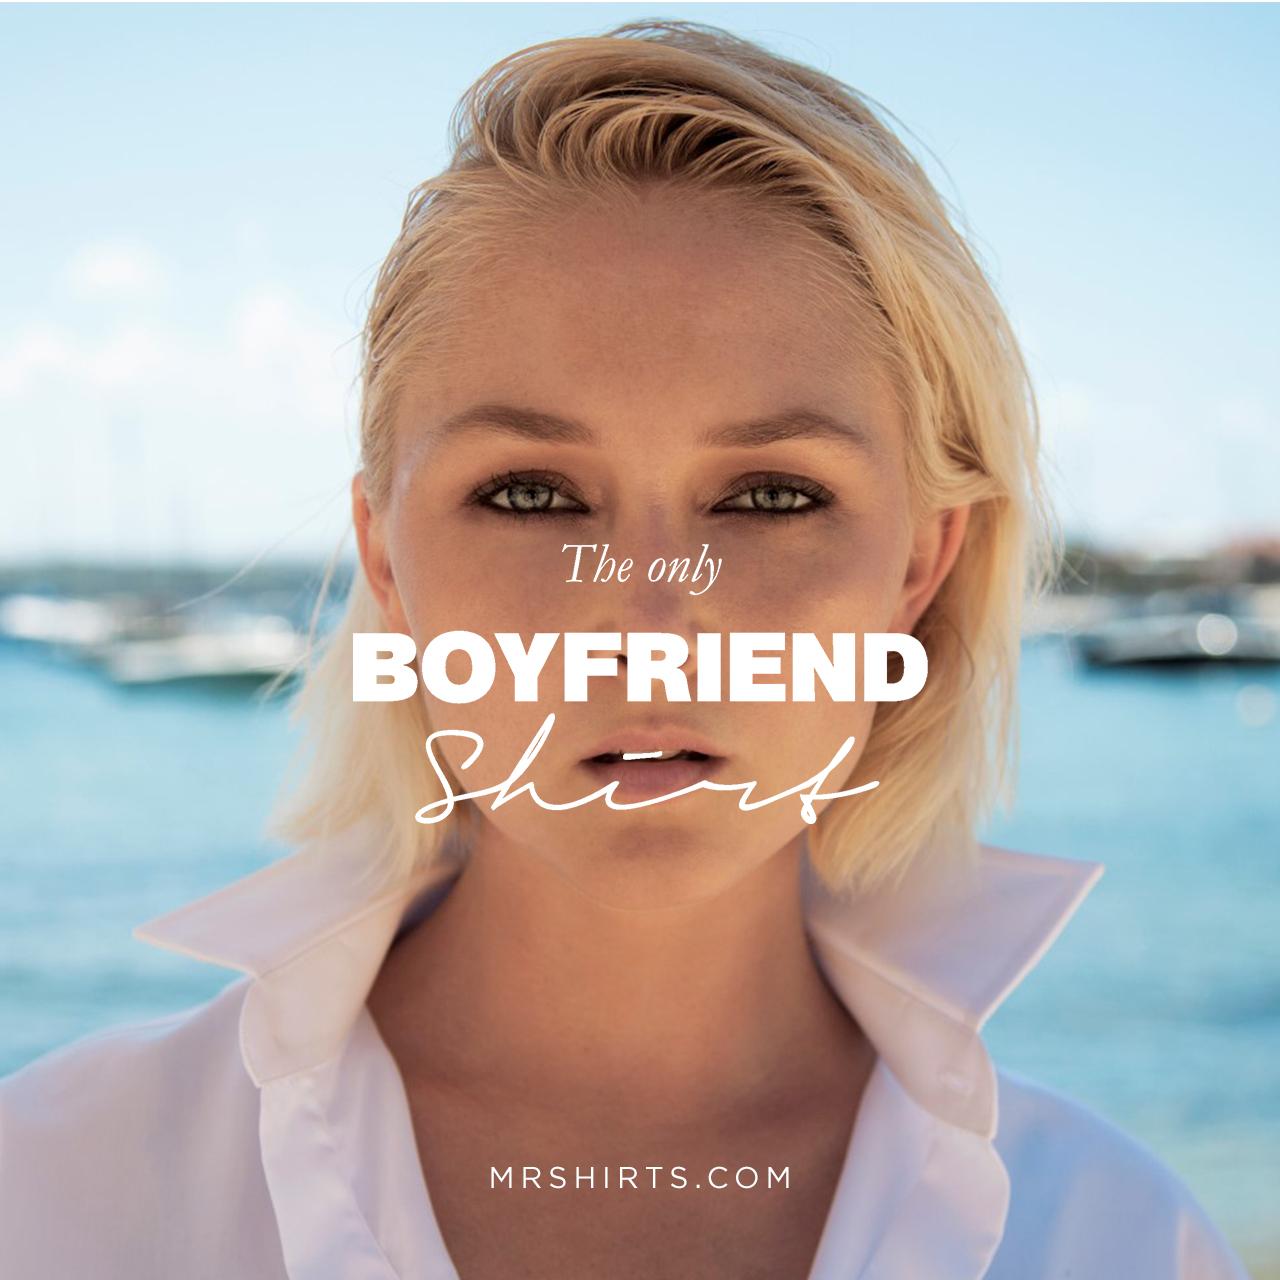 boyfriend-shirt-insta-2.jpg